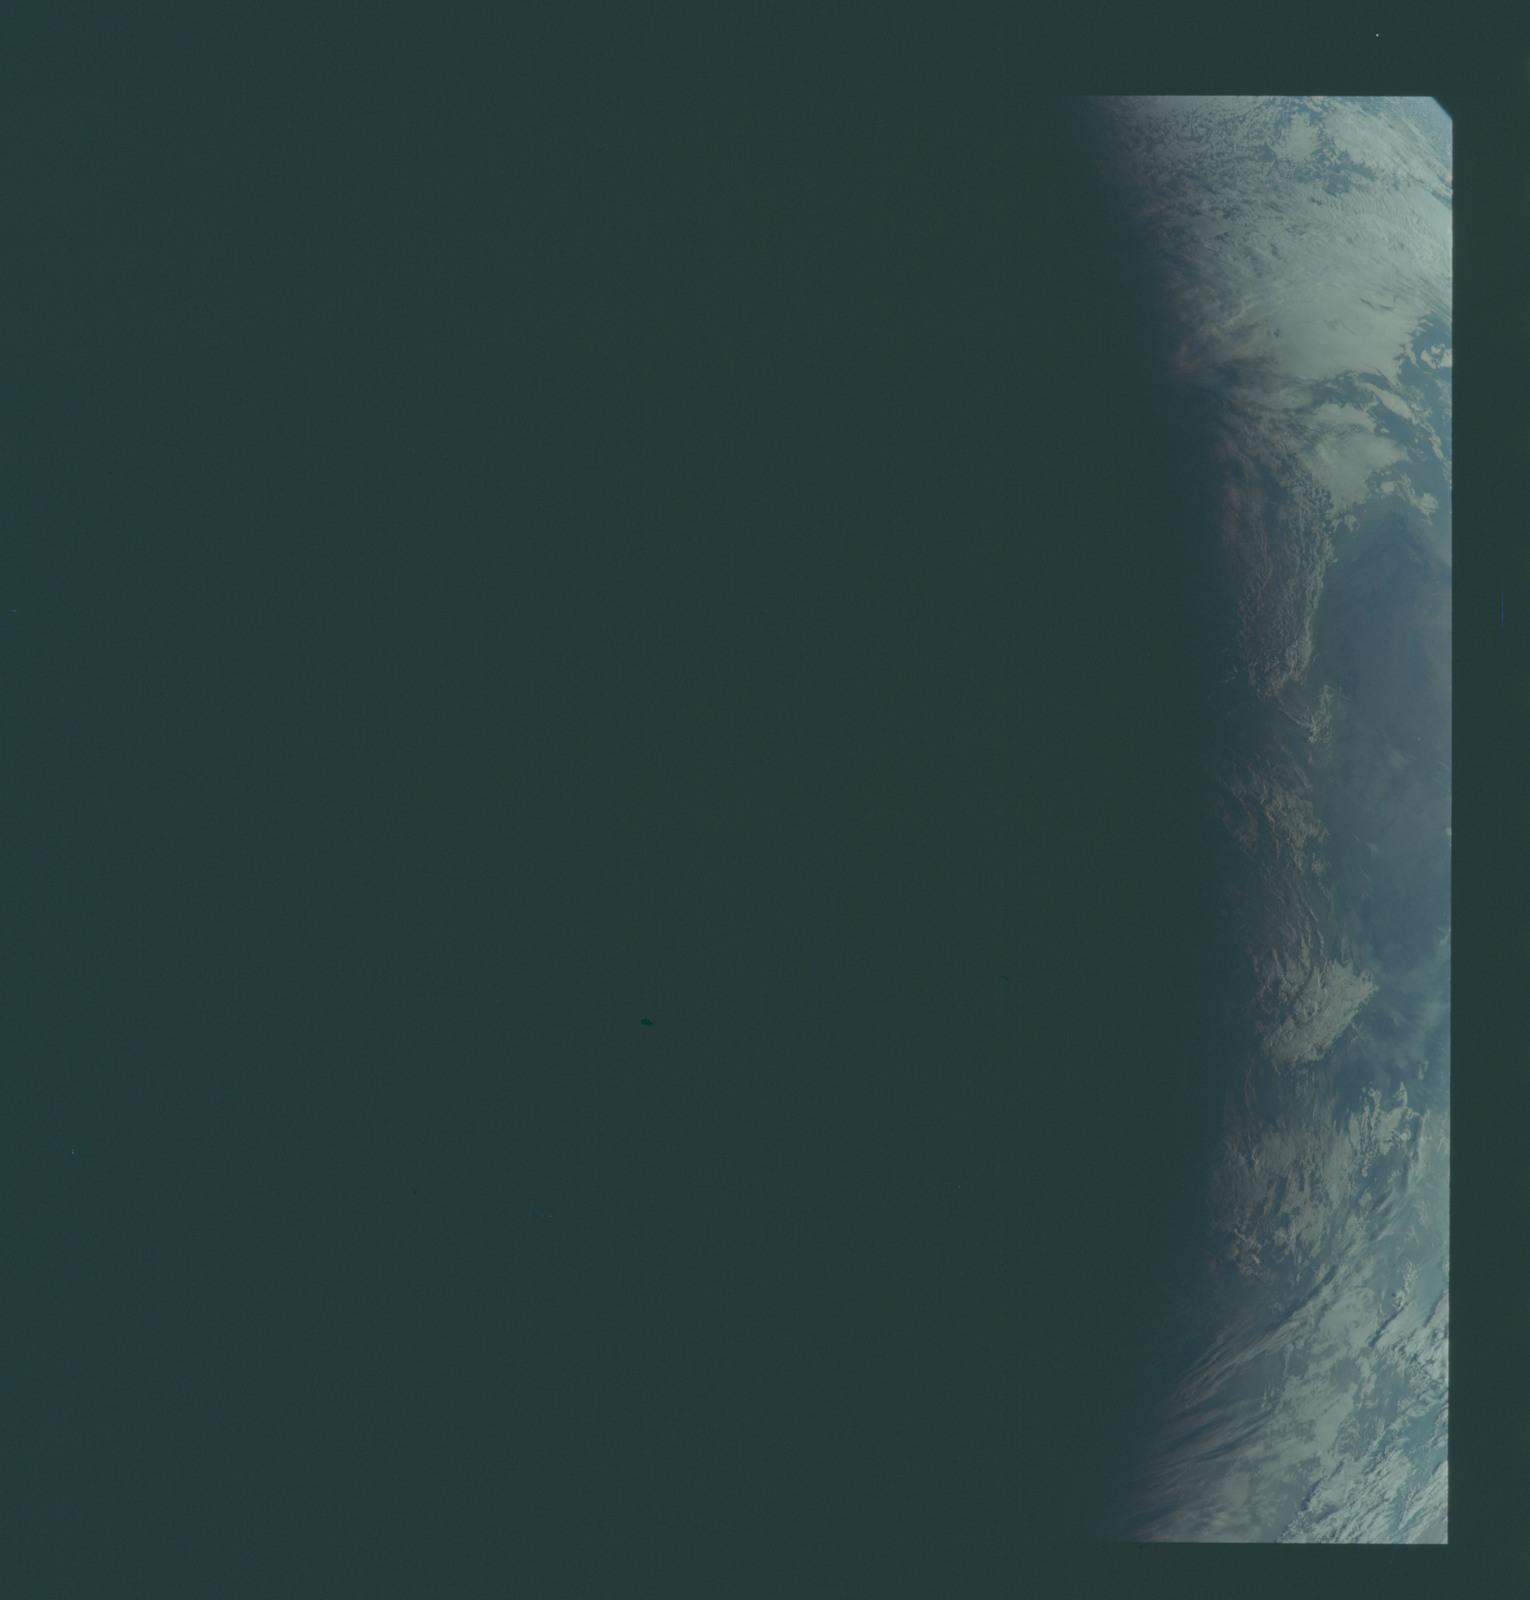 AS11-44-6695 - Apollo 11 - Apollo 11 Mission image - View of Earth terminator